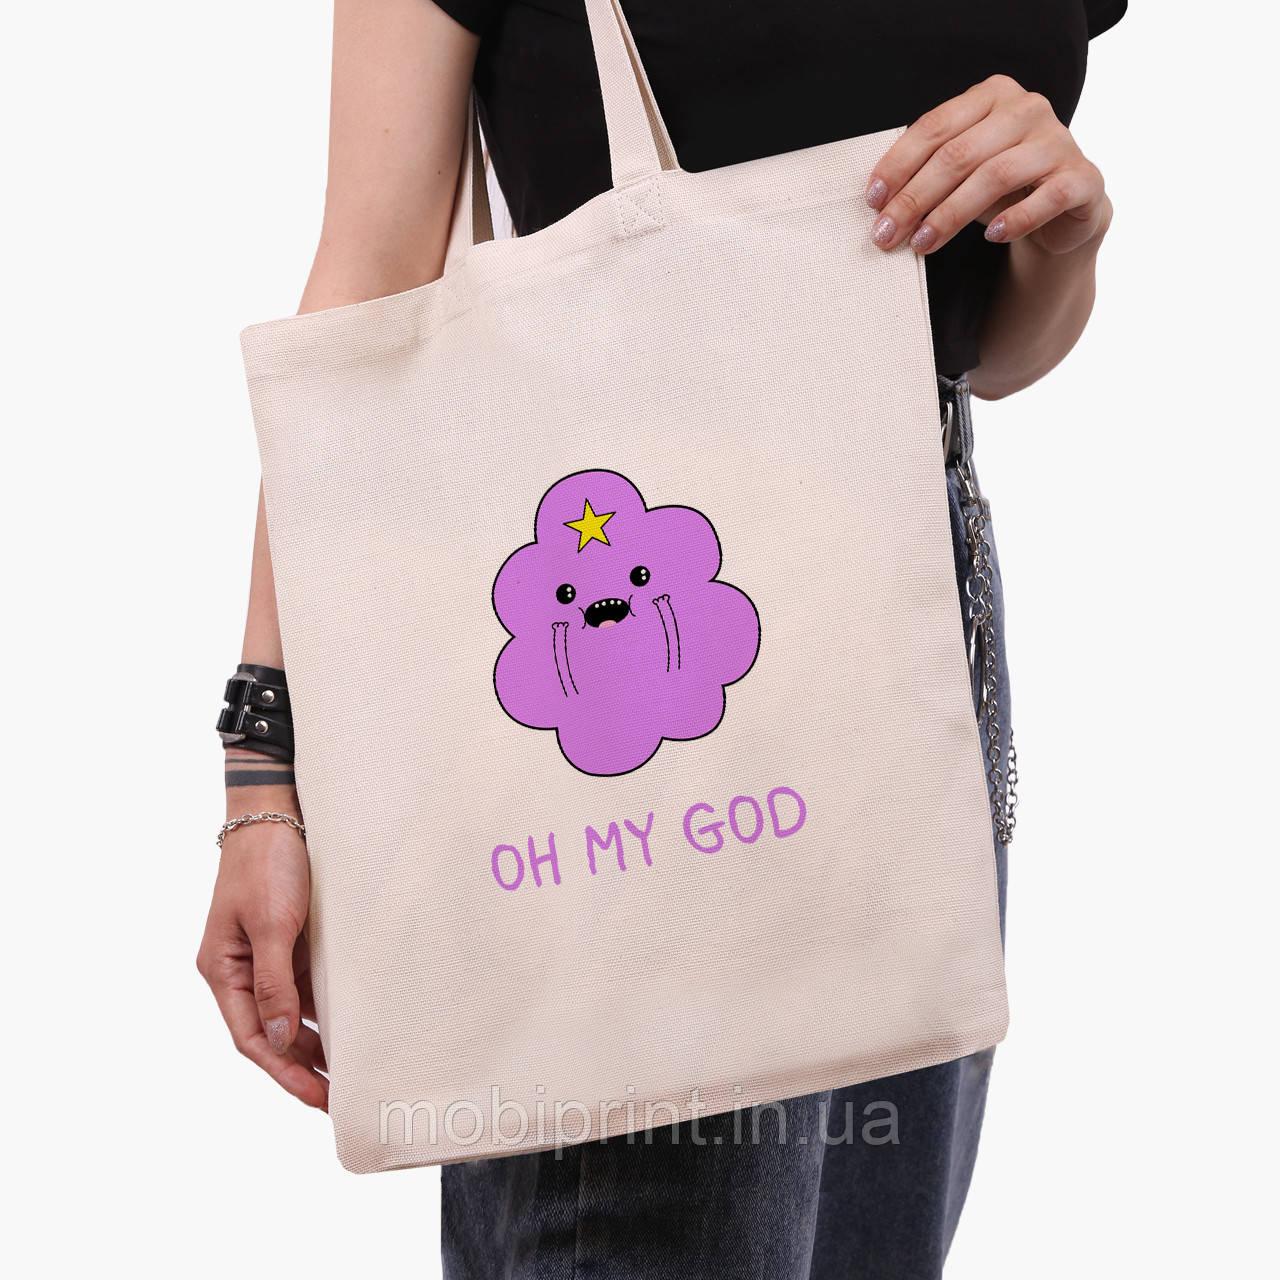 Еко сумка шоппер Принцеса пупырка (Adventure Time) (9227-1575) екосумка шопер 41*35 см